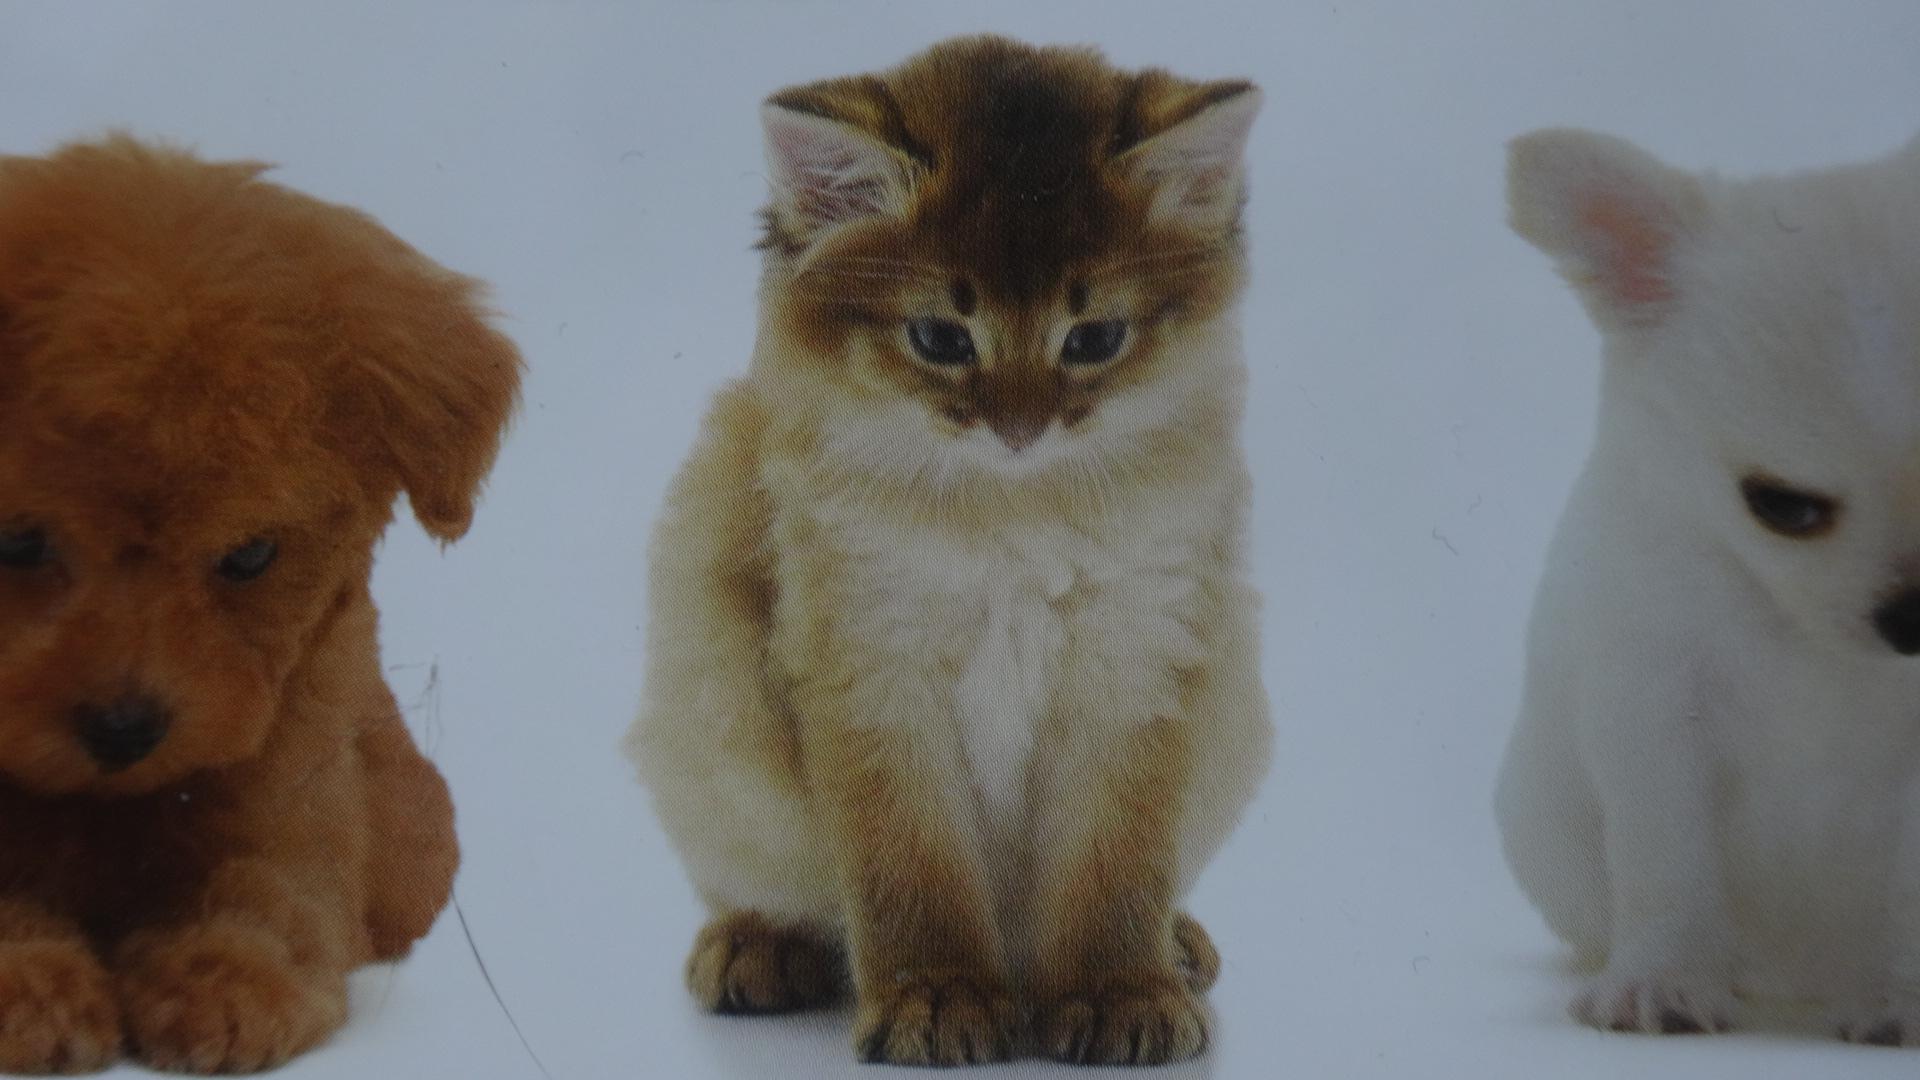 カレンダーに出ているお辞儀するネコの姿2